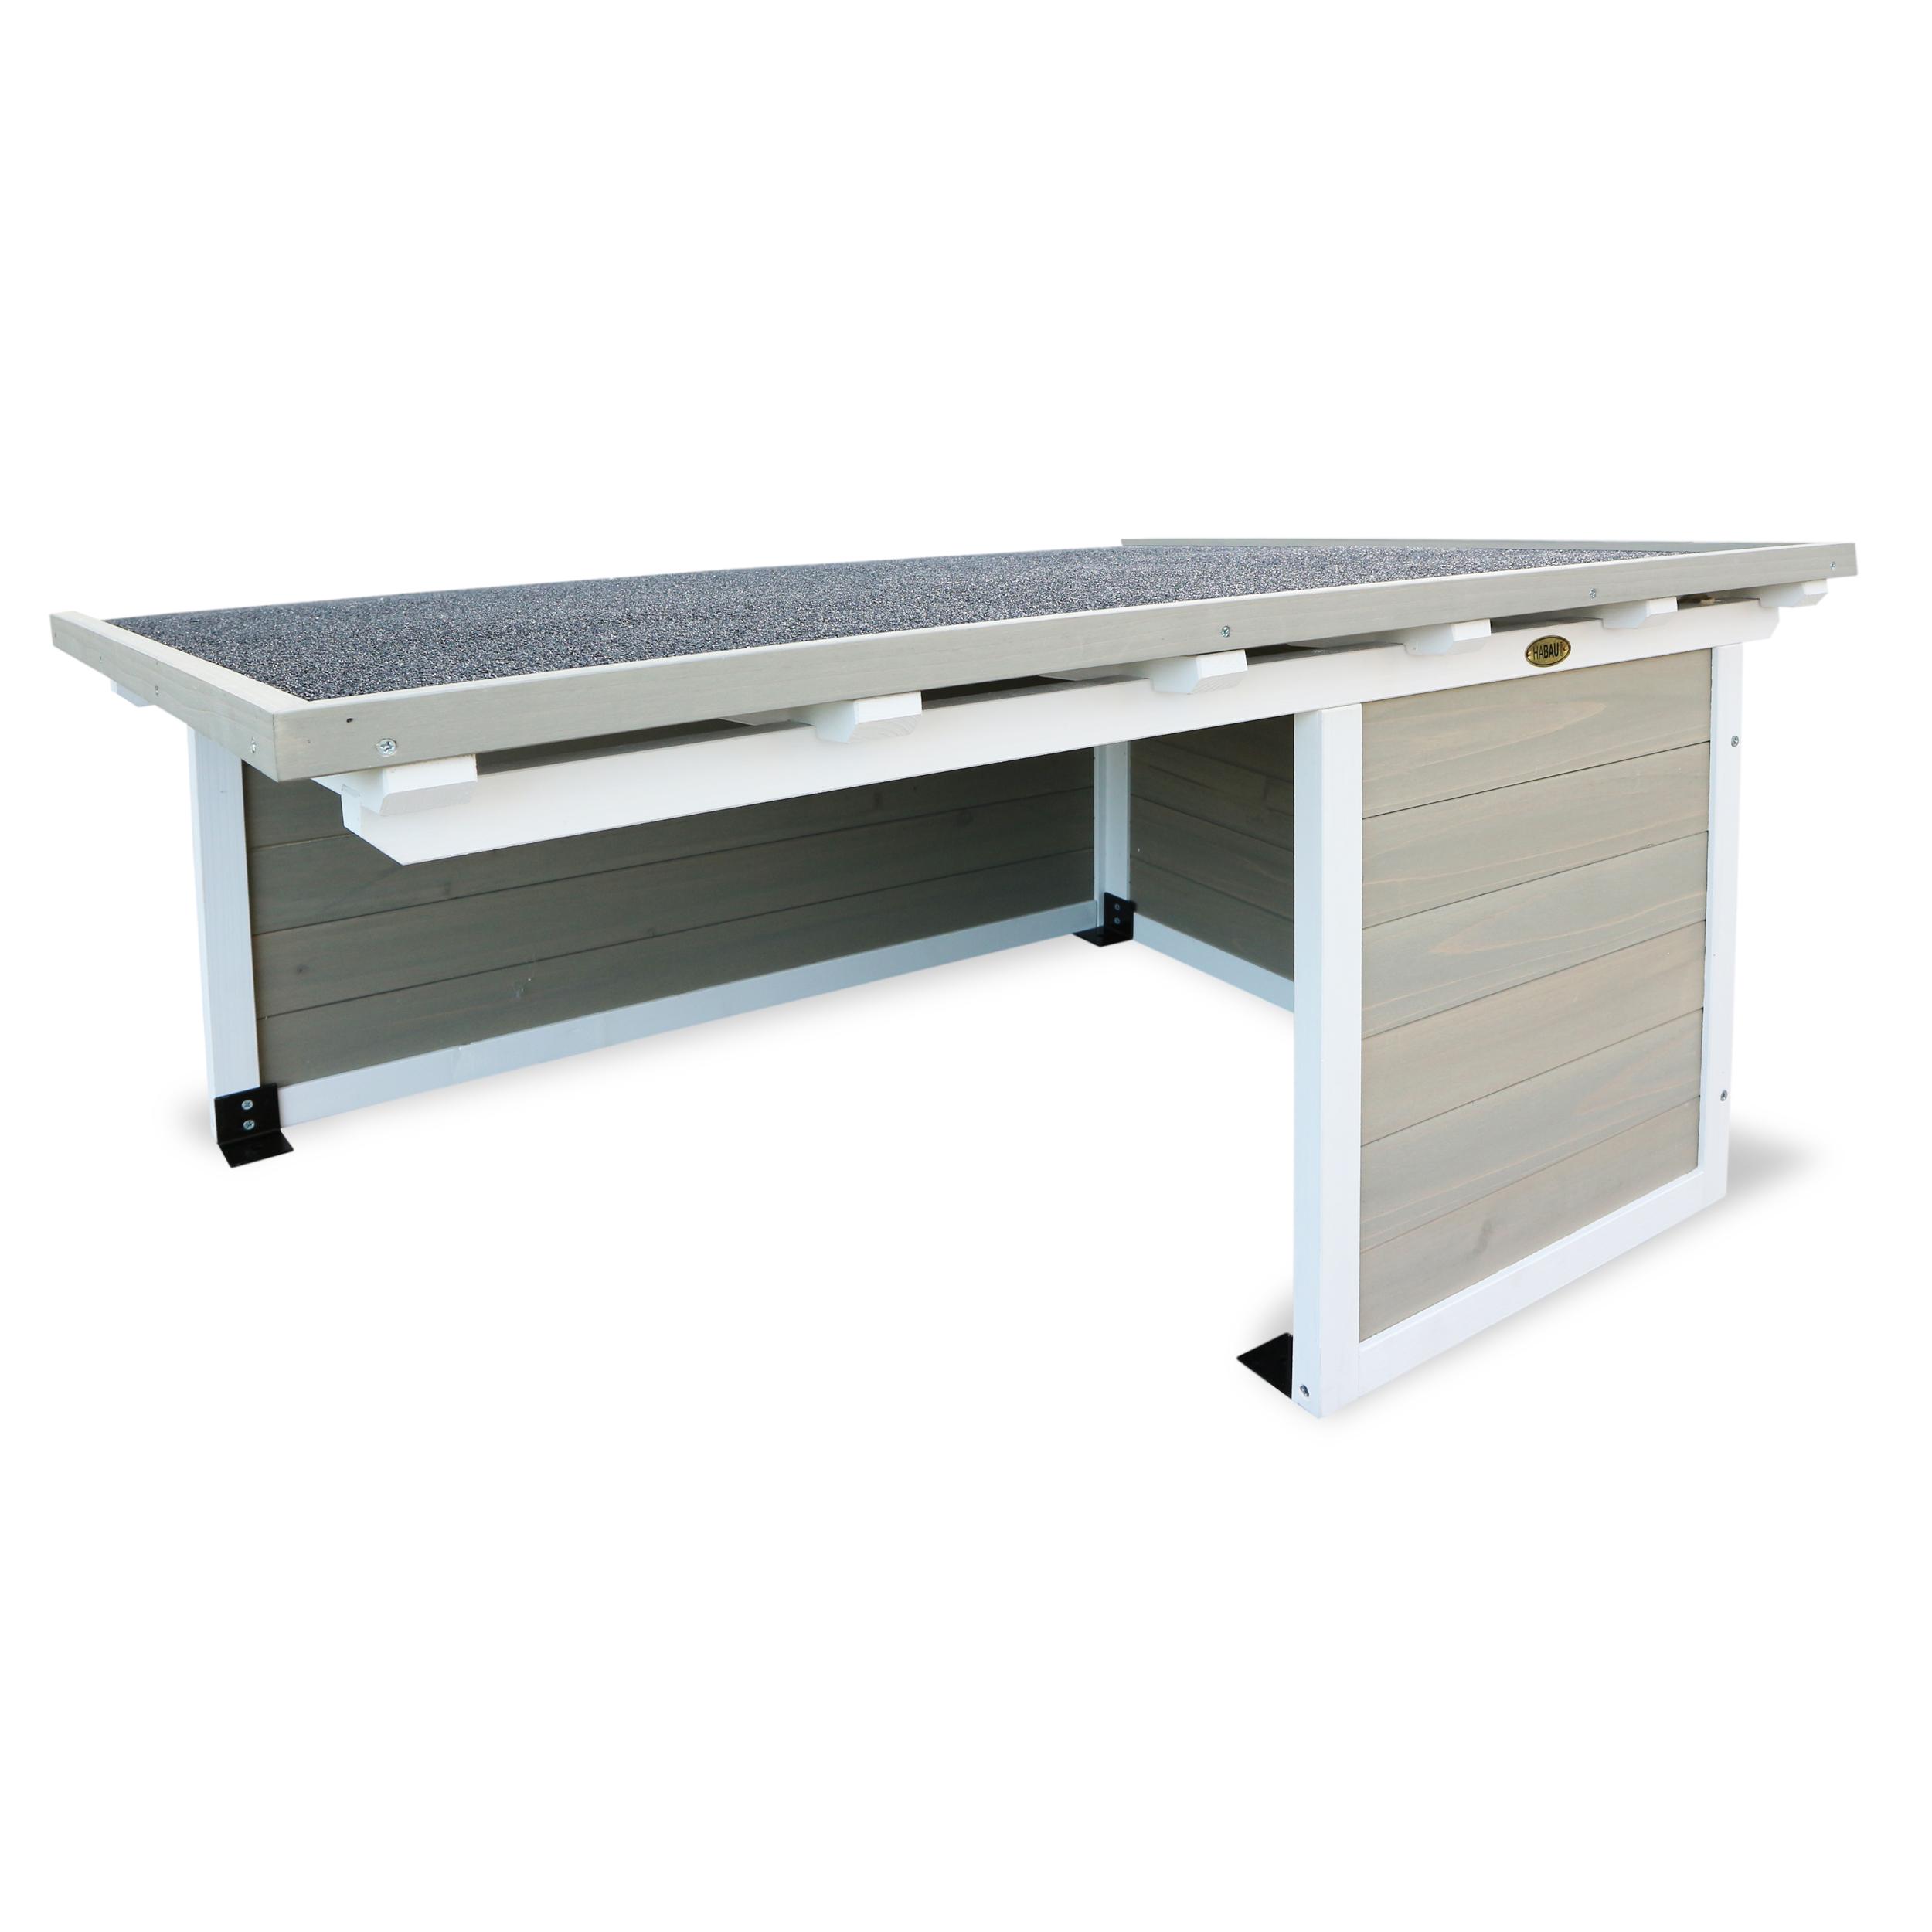 HABAU Garage für Mähroboter - grau-weiß